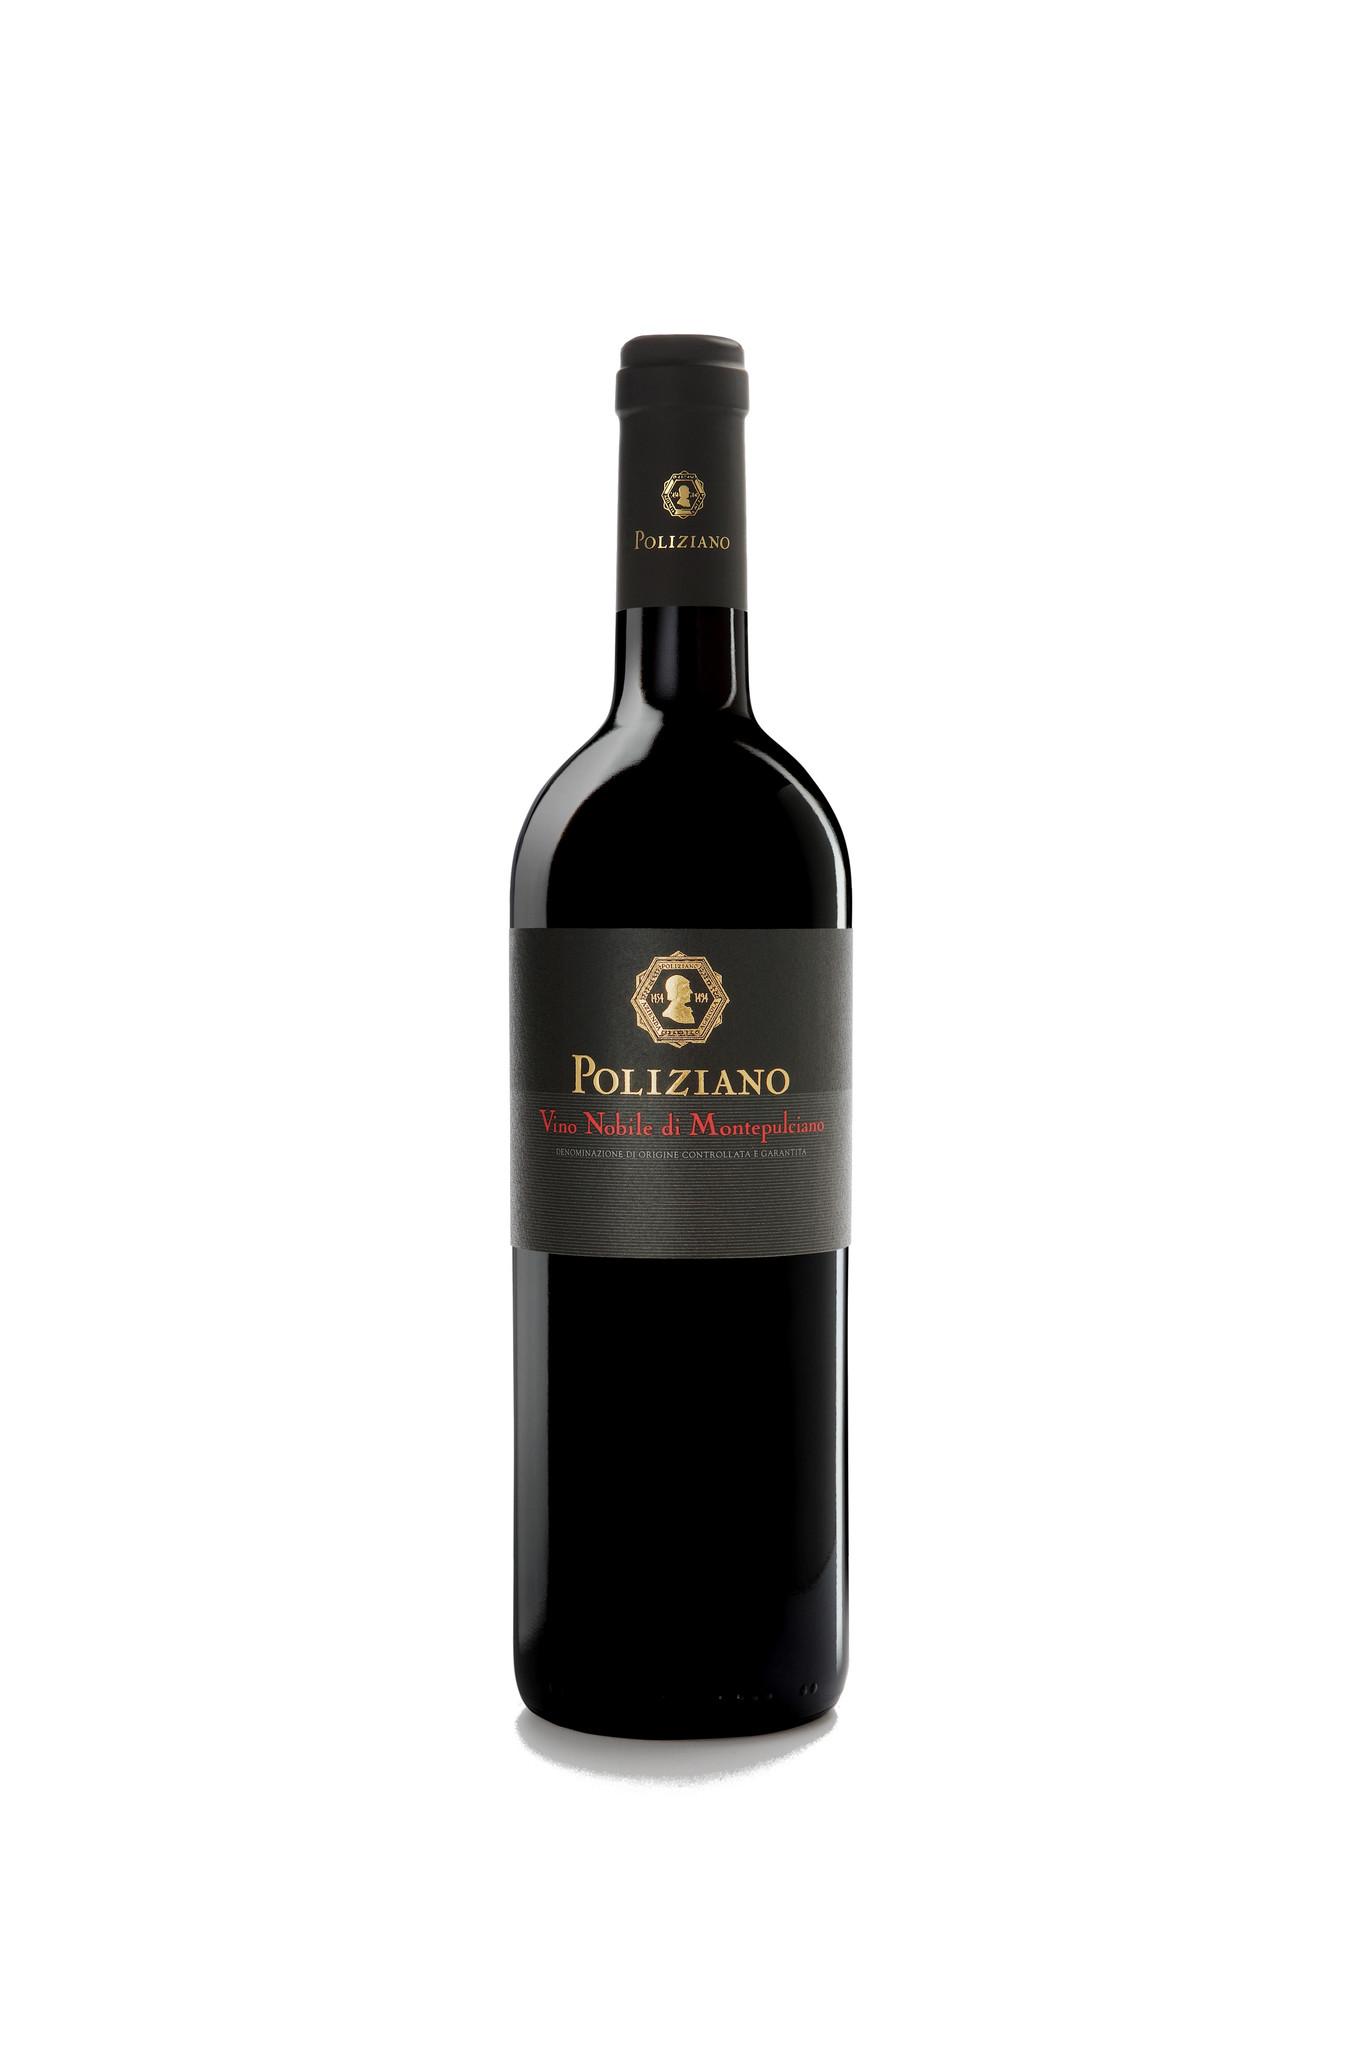 Poliziano, Vino Nobile di Montepulciano magnum, 2016